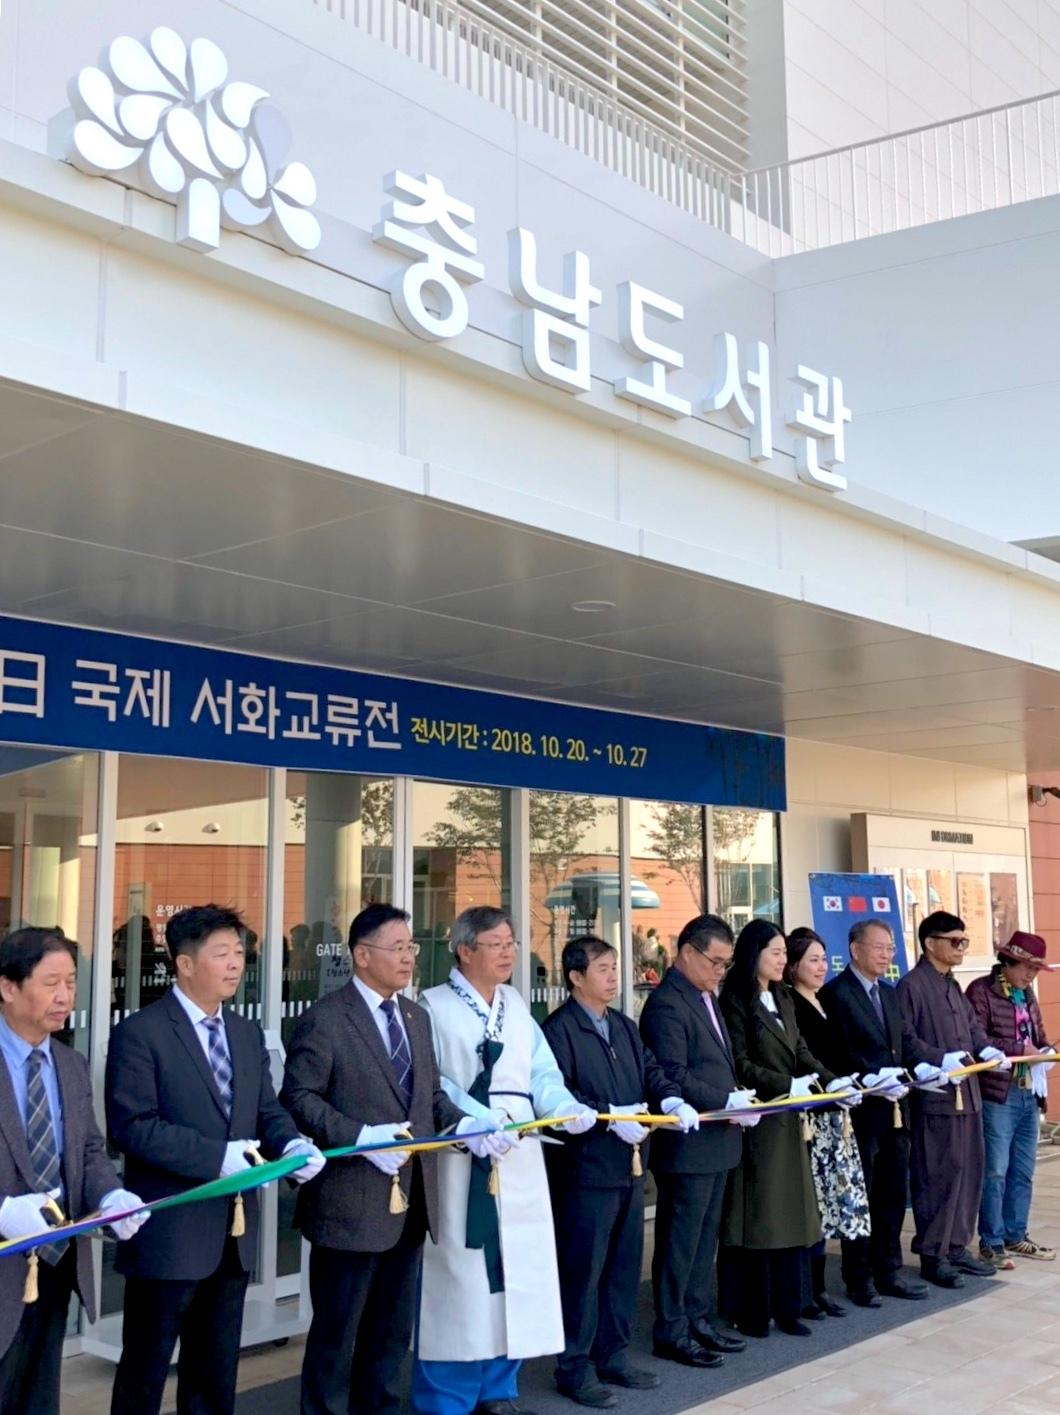 韓国文化院ギャラリーMIに行ってきました_d0090959_20363946.jpeg